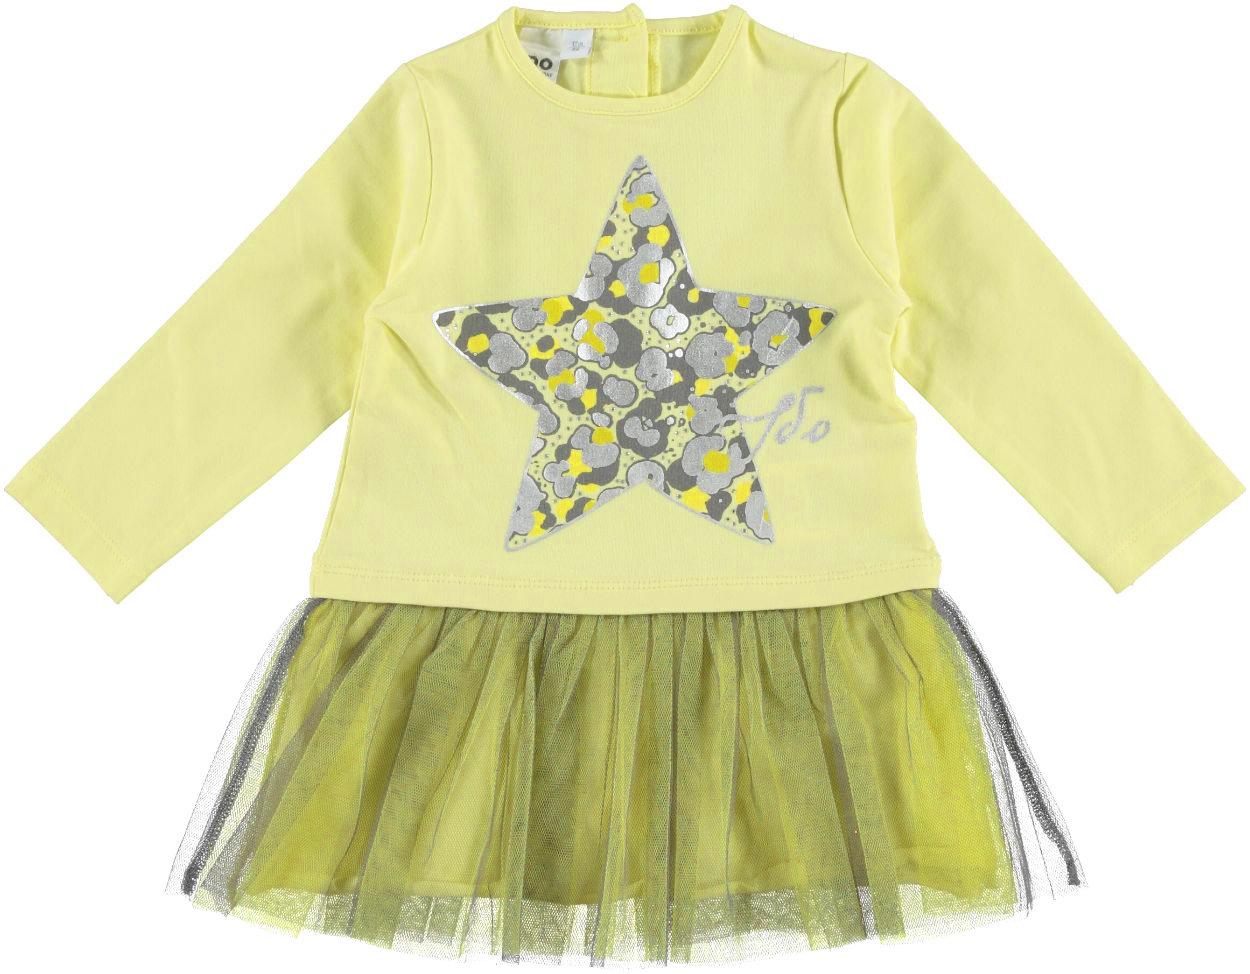 Vestitino bambina in cotone stretch con stella camouflage vestibilità da 6  a 36 mesi iDO 69383a3dba0